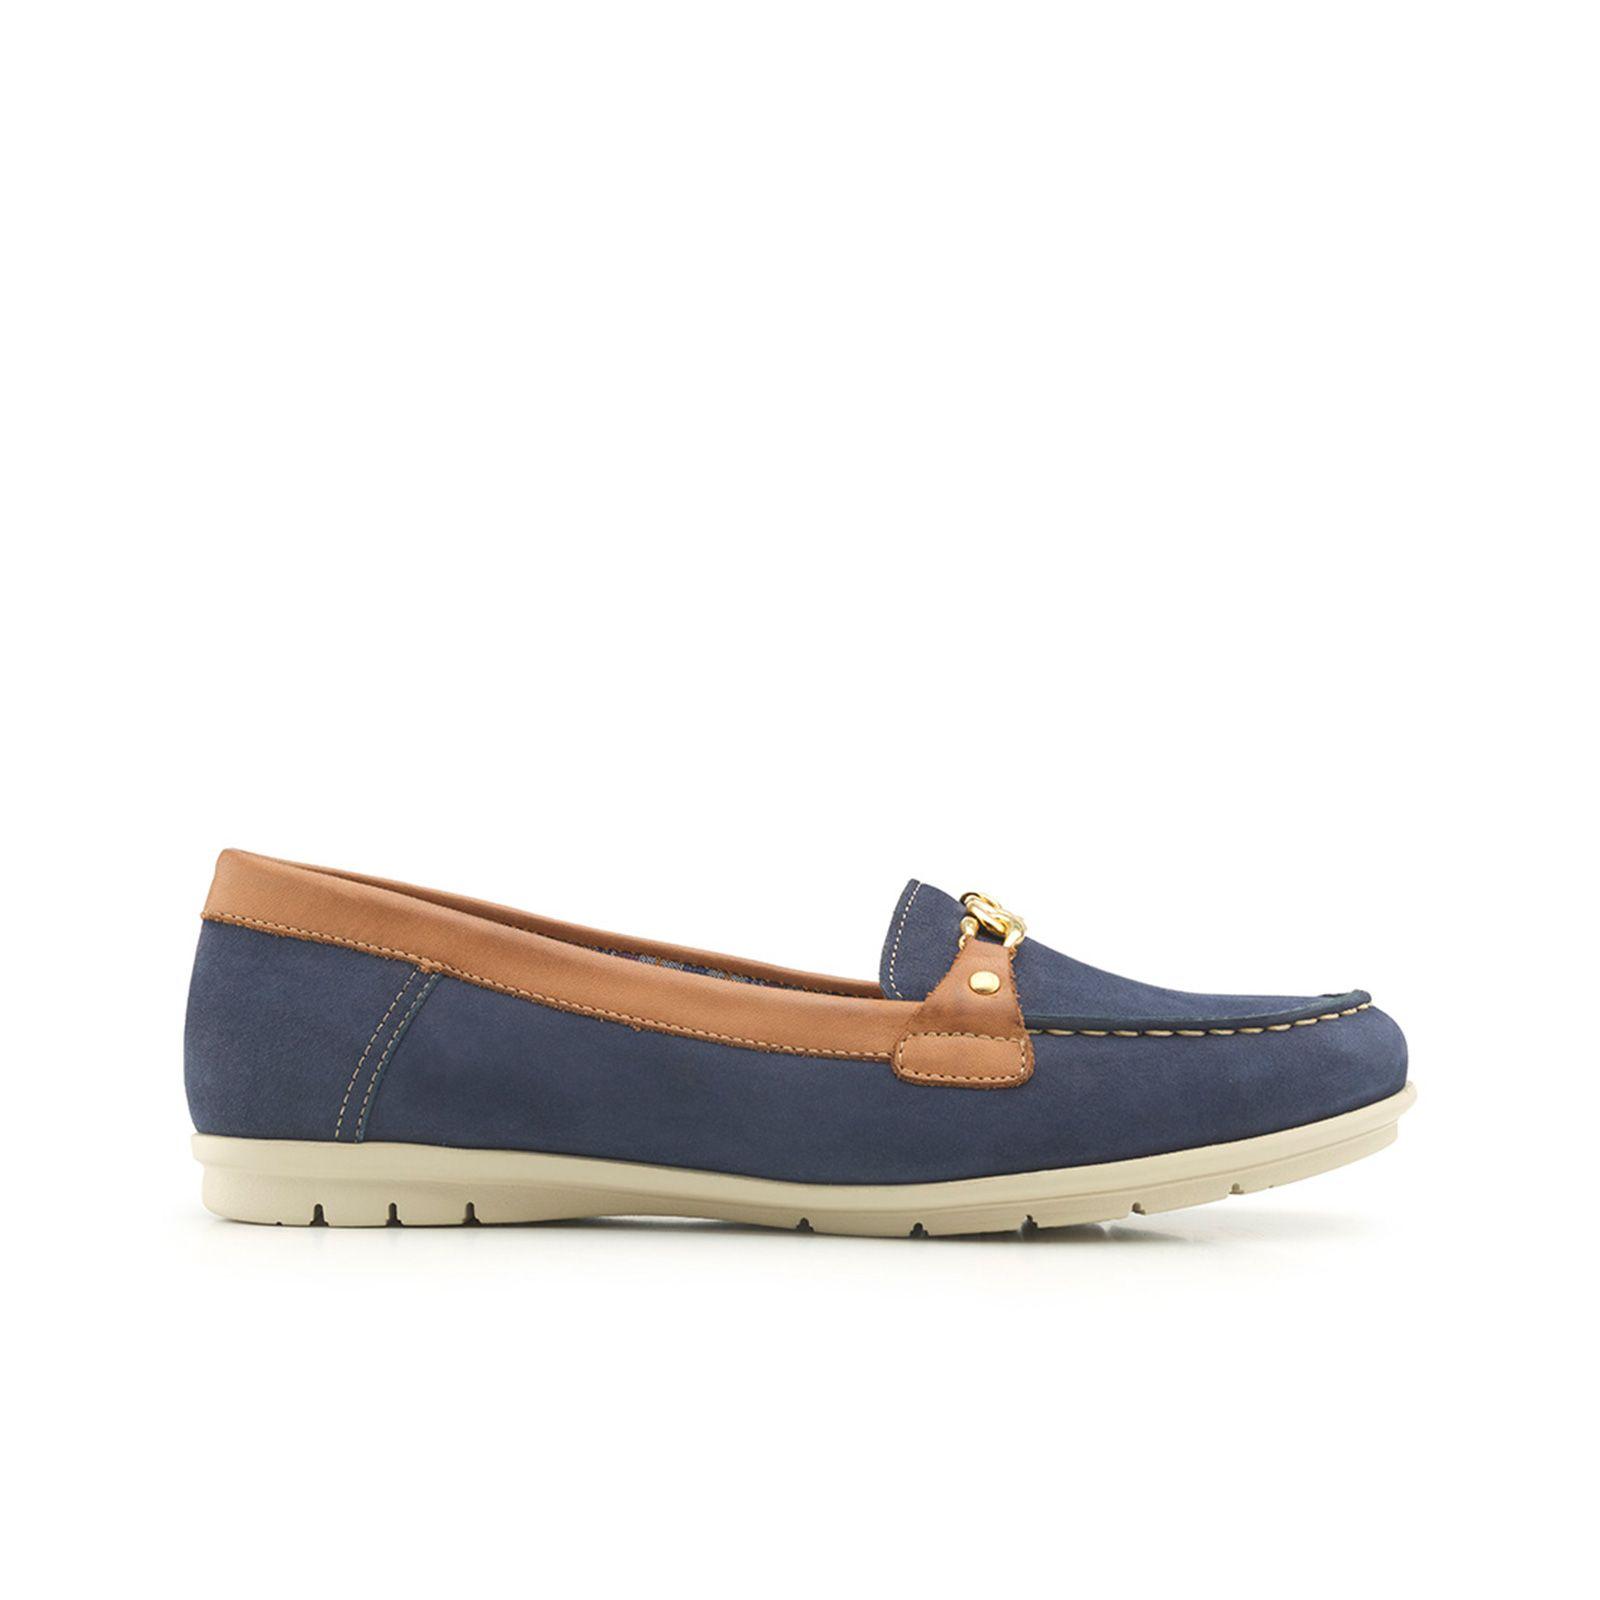 cc94adea Flexi - Calzado casual, sport y de vestir para dama | zapatos en ...